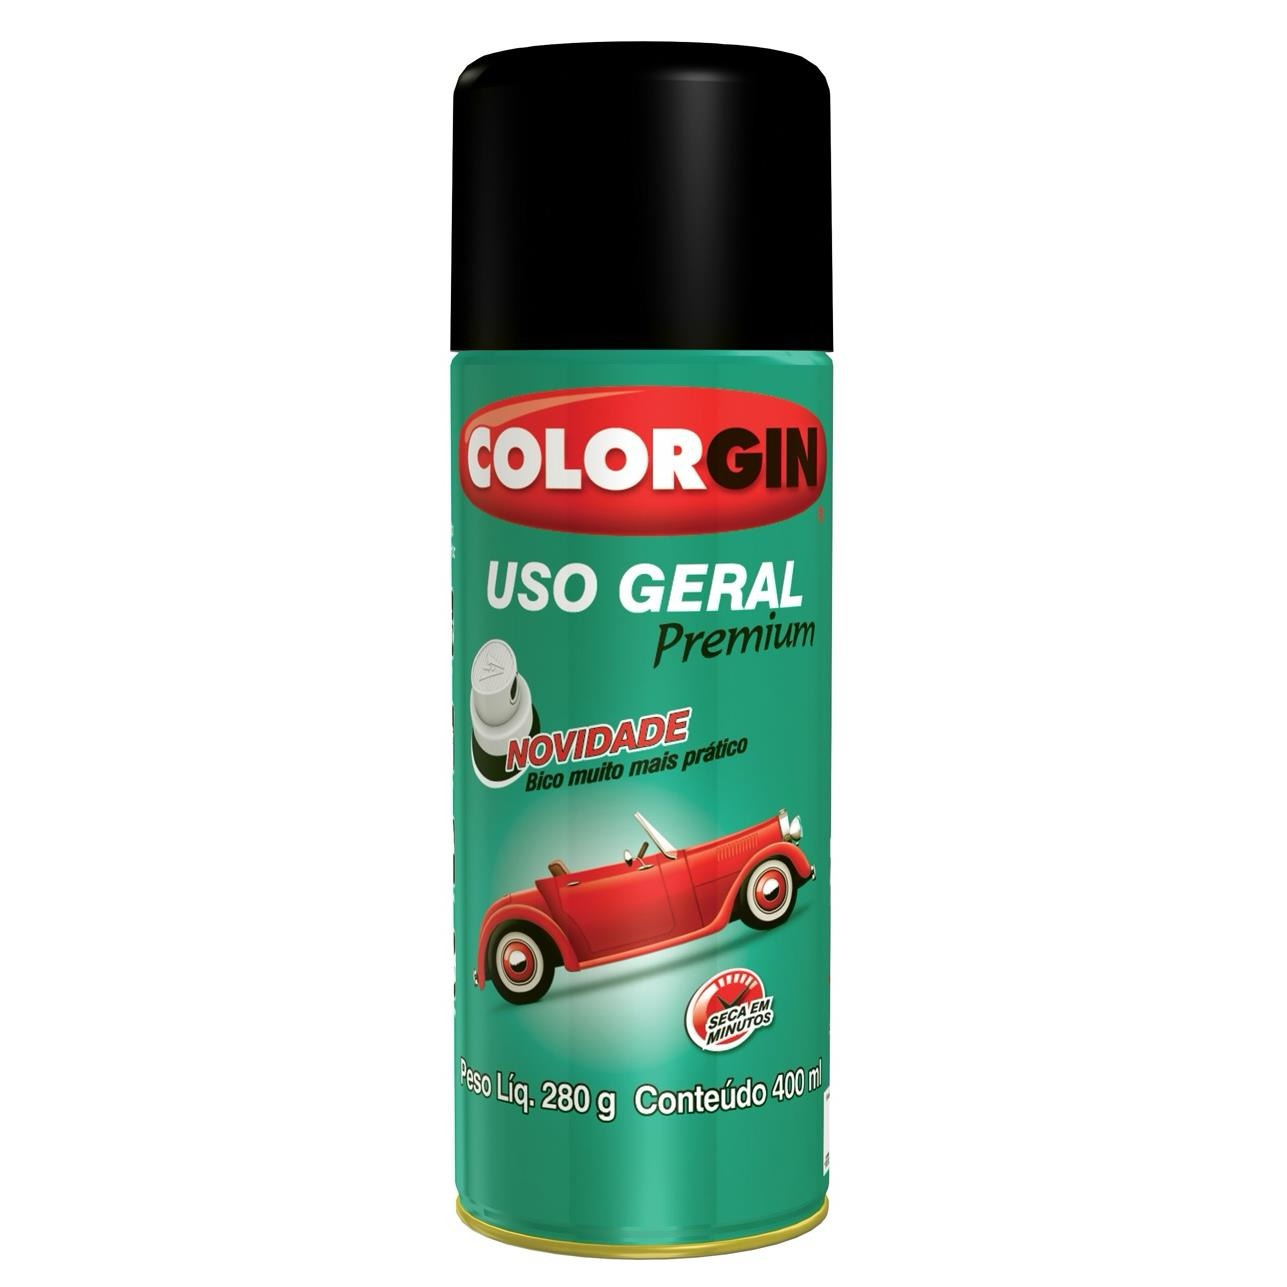 Tinta Spray Brilhante Uso geral Interno e Externo - Verde - 400ml - Colorgin